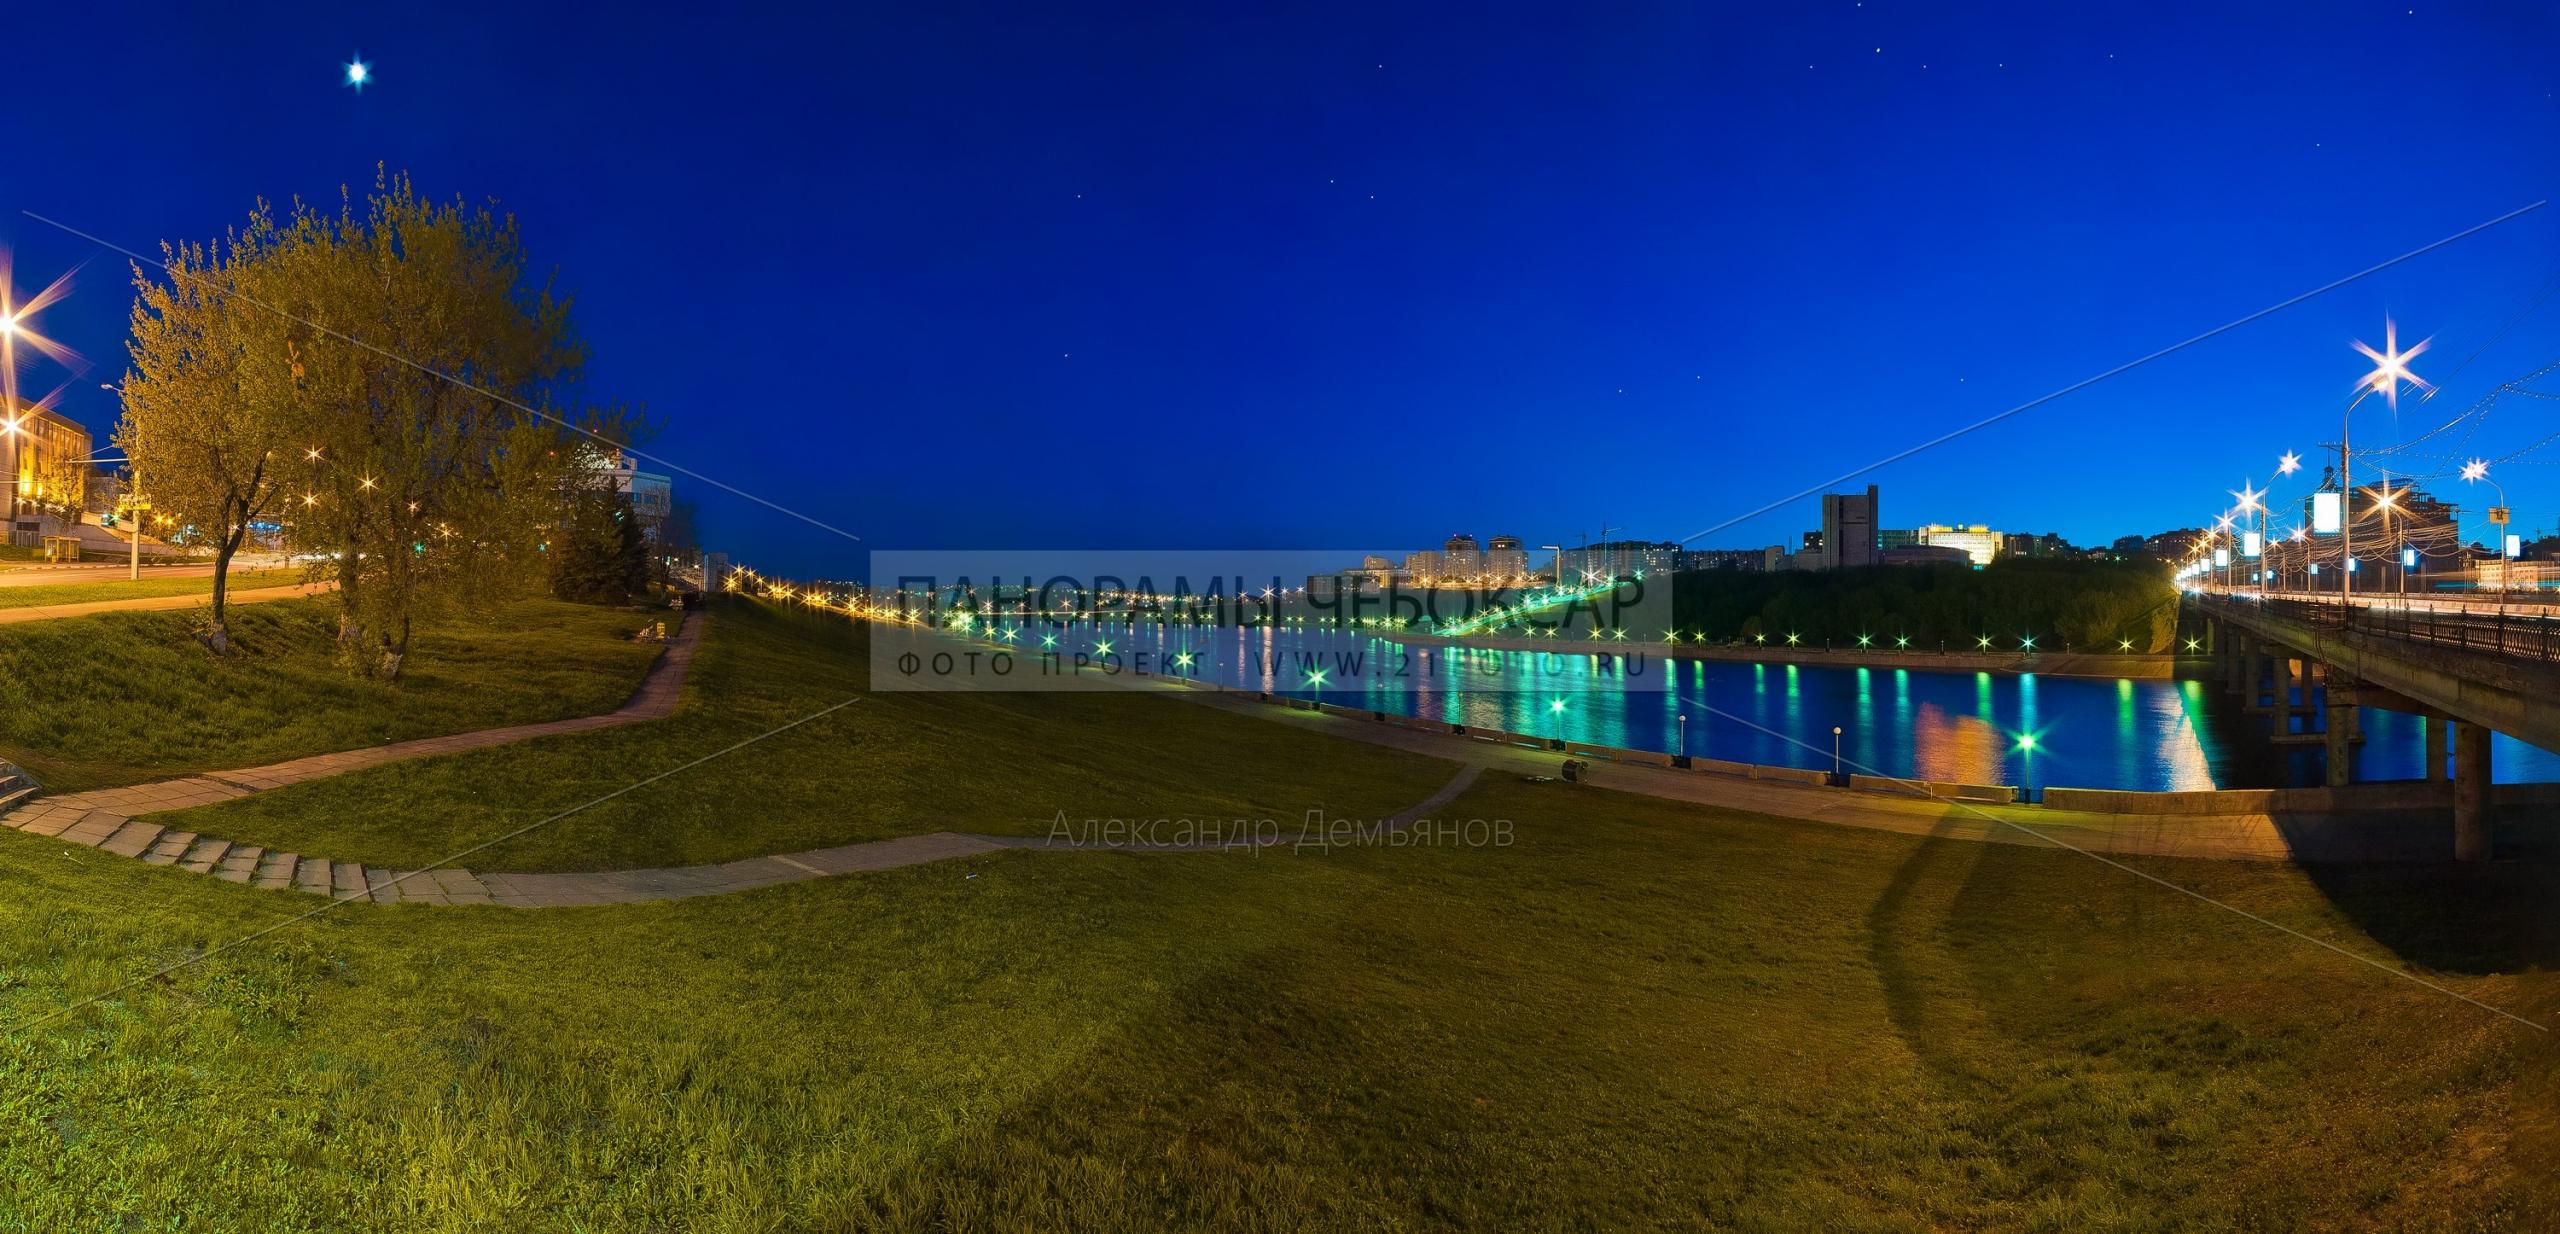 Ночная Фотография Московского Моста и залива в городе Чебоксары